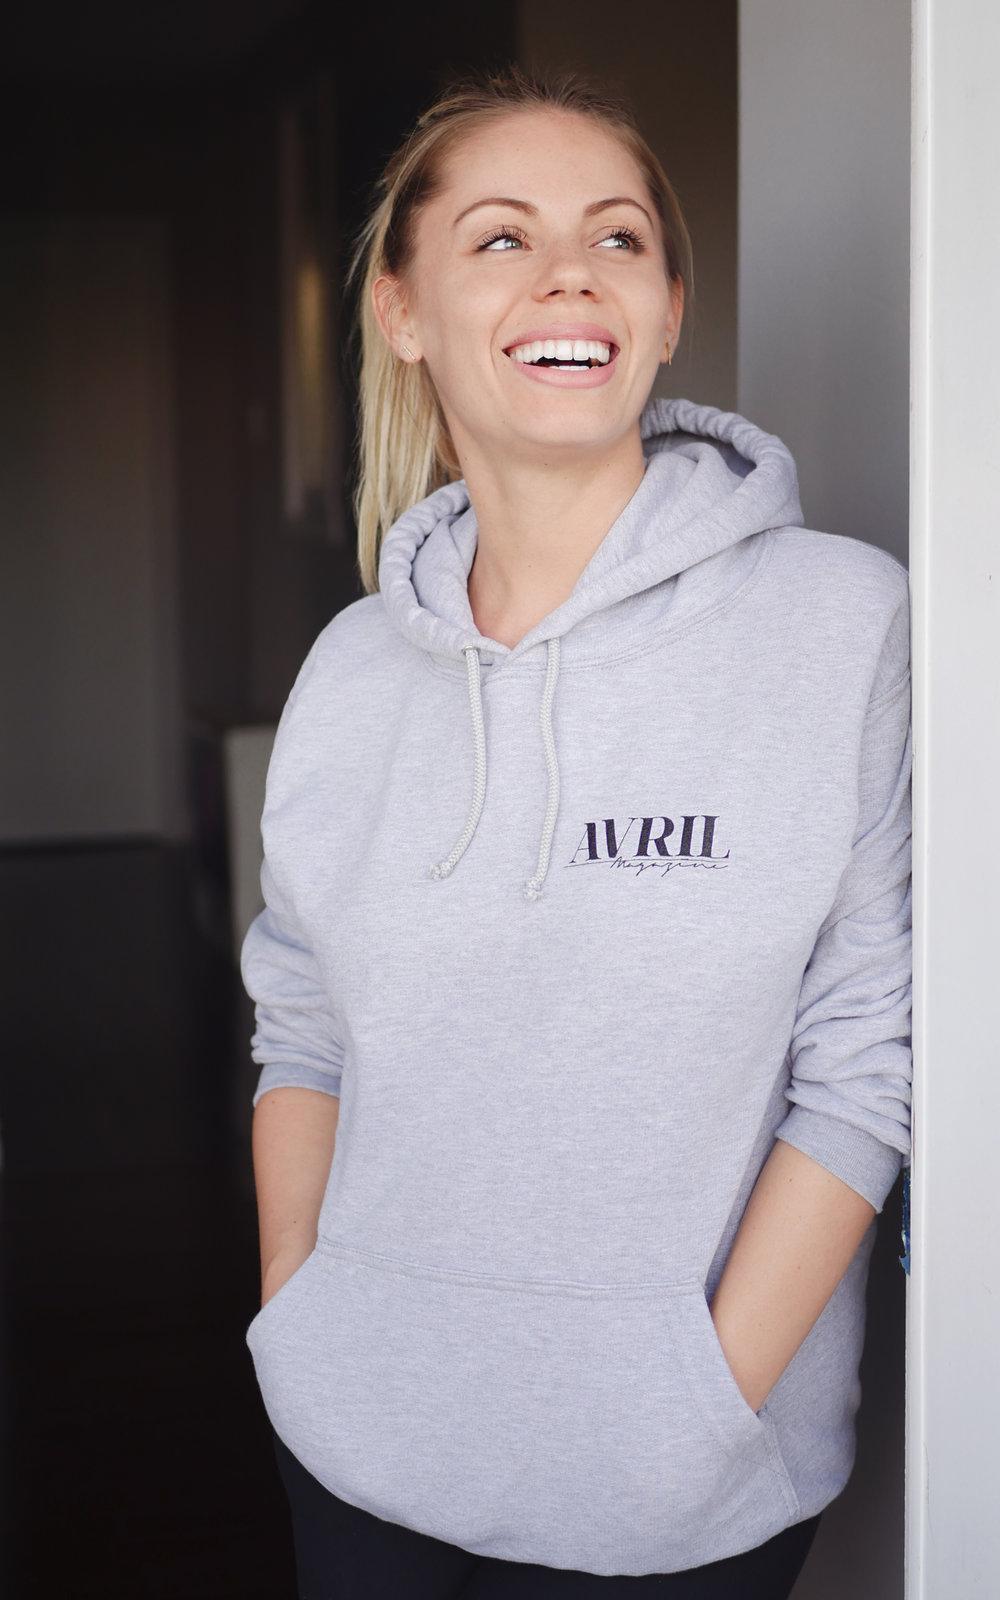 photos-hoodie-AvrilMag_01.jpg